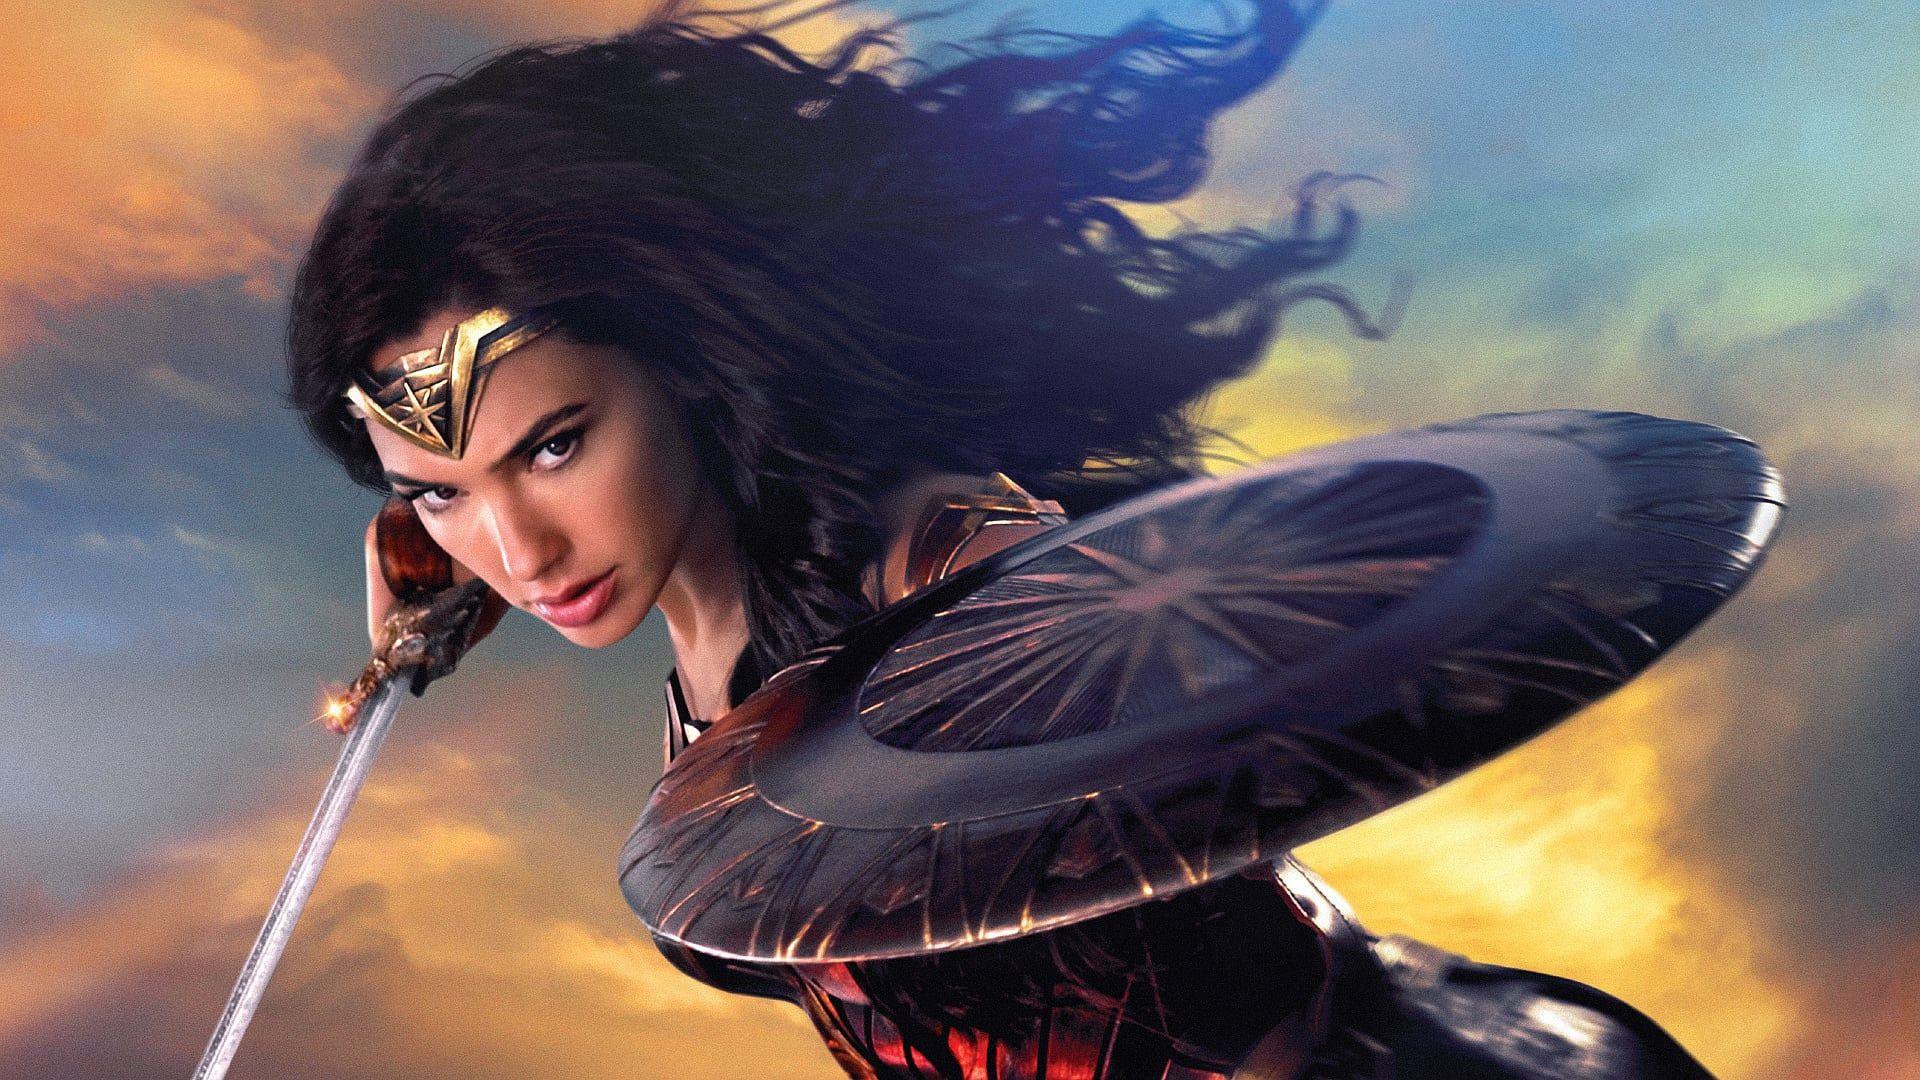 For Hun Ble Wonder Woman Var Hun Diana Amasonenes Prinsesse Opptrent Til A Vaere En Uovervinnelig Kriger Diana Vokste Opp I Et Sk Wonder Woman Wonder Skjebne